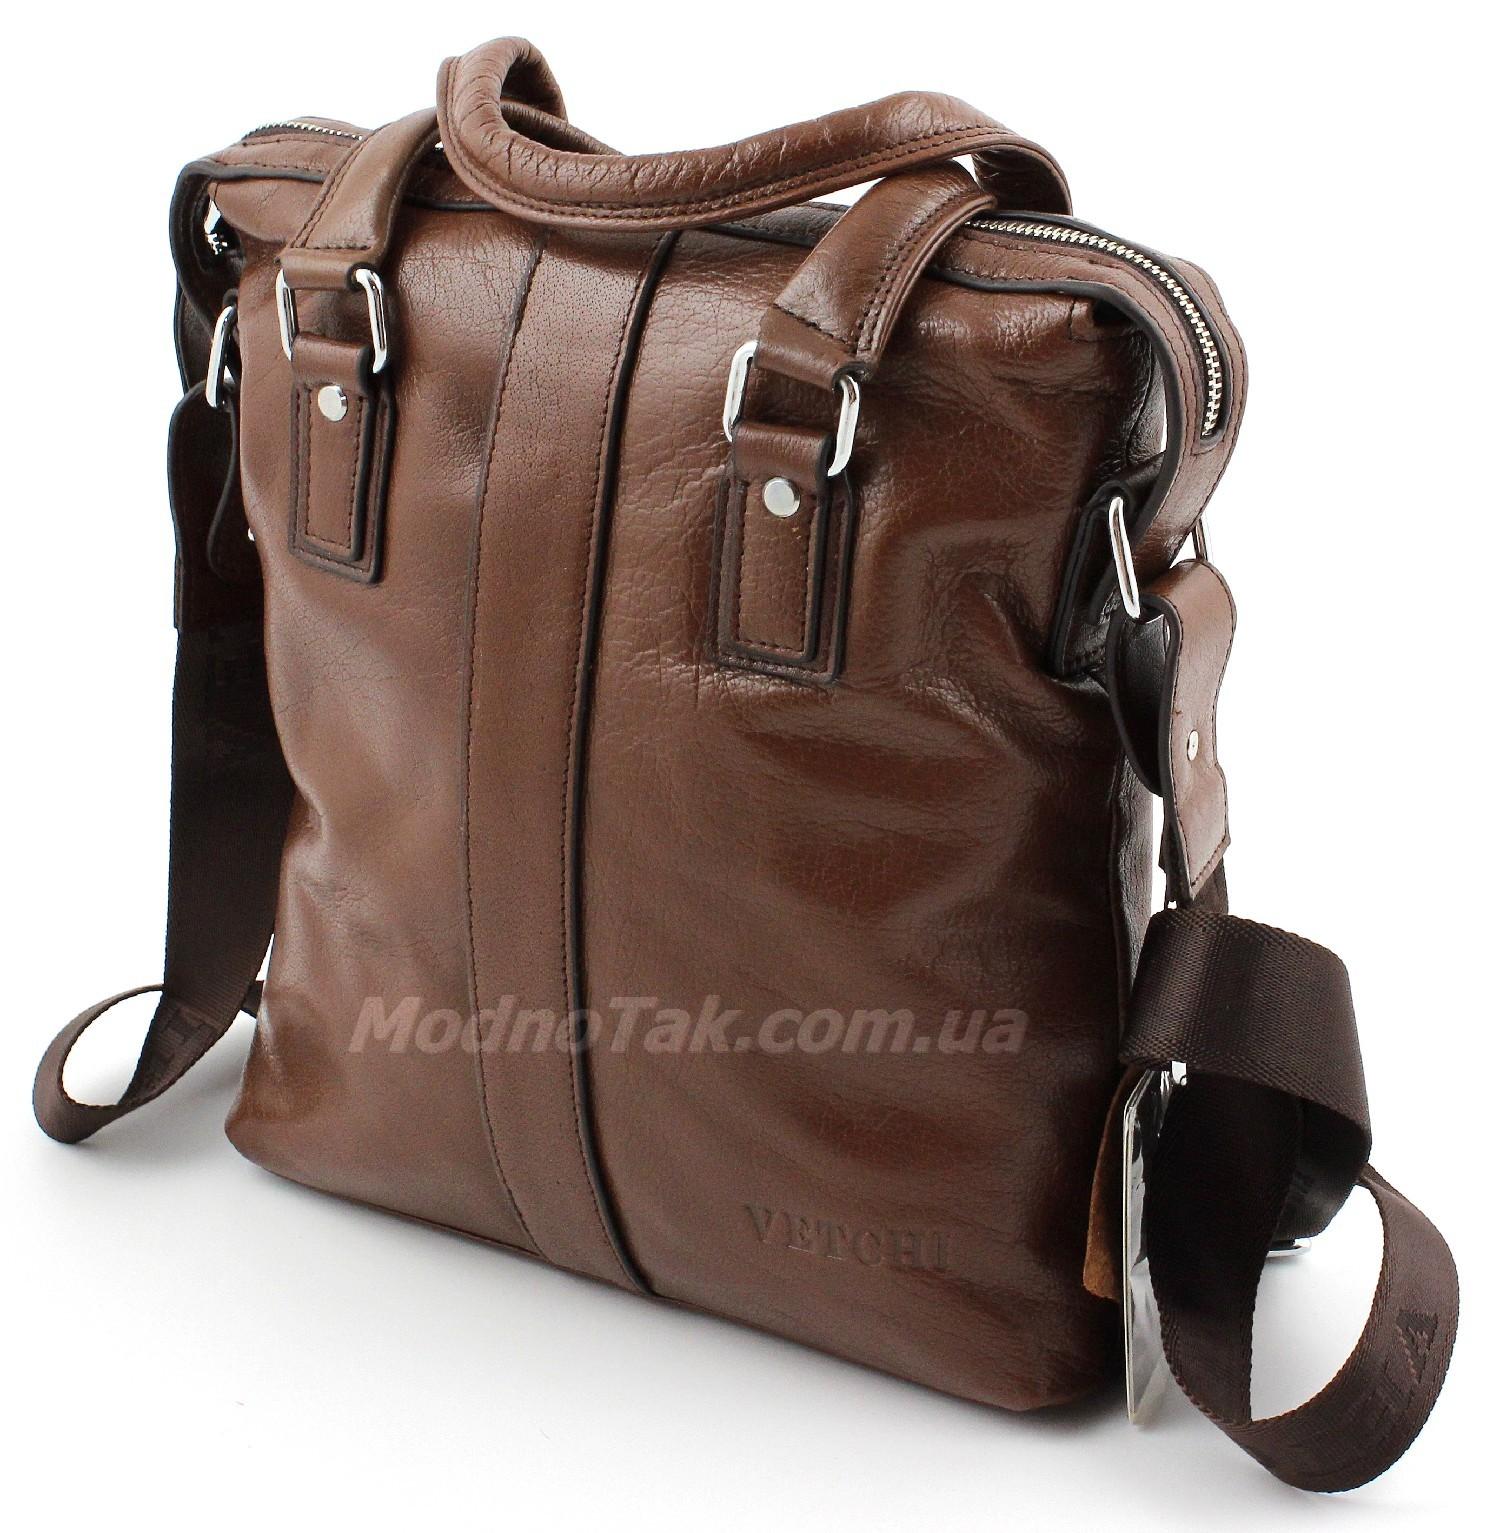 0170706fd730 Деловая мужская вертикальная кожаная сумка представительского класса под А4  VETCHI (10120)